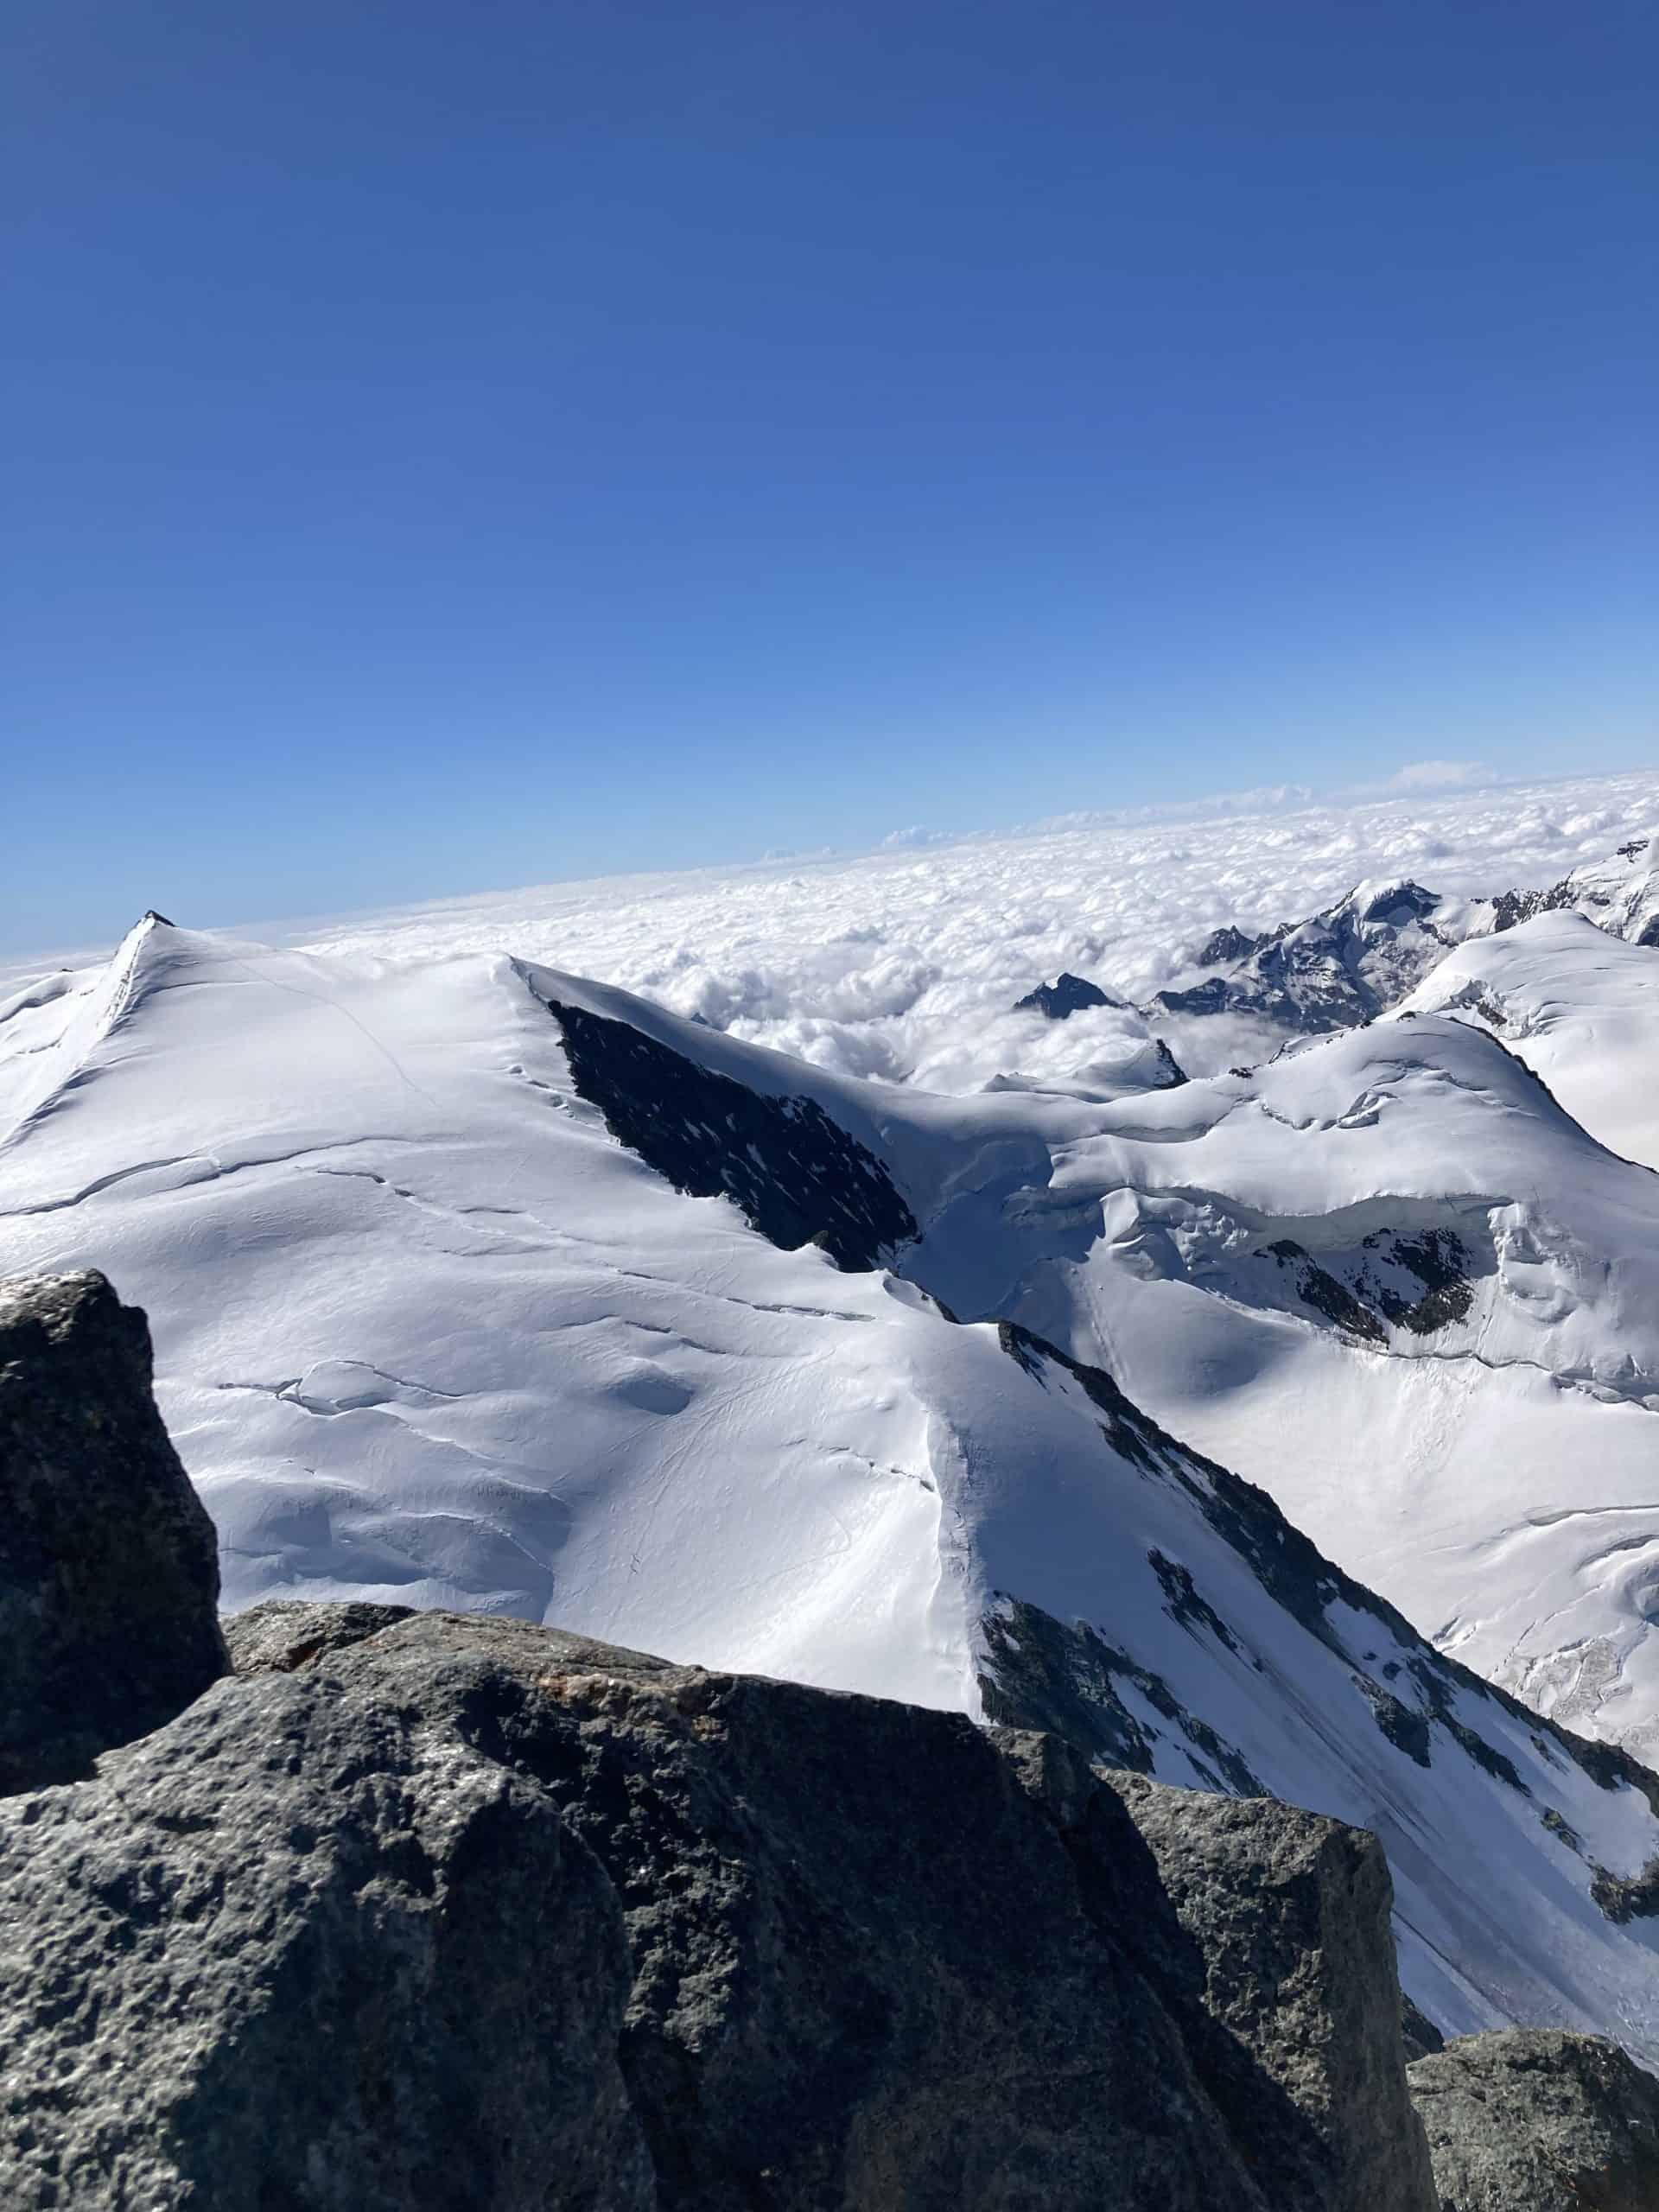 IMG 5846 scaled - Rimpfischhorn - viele Wege zum Ziel?!